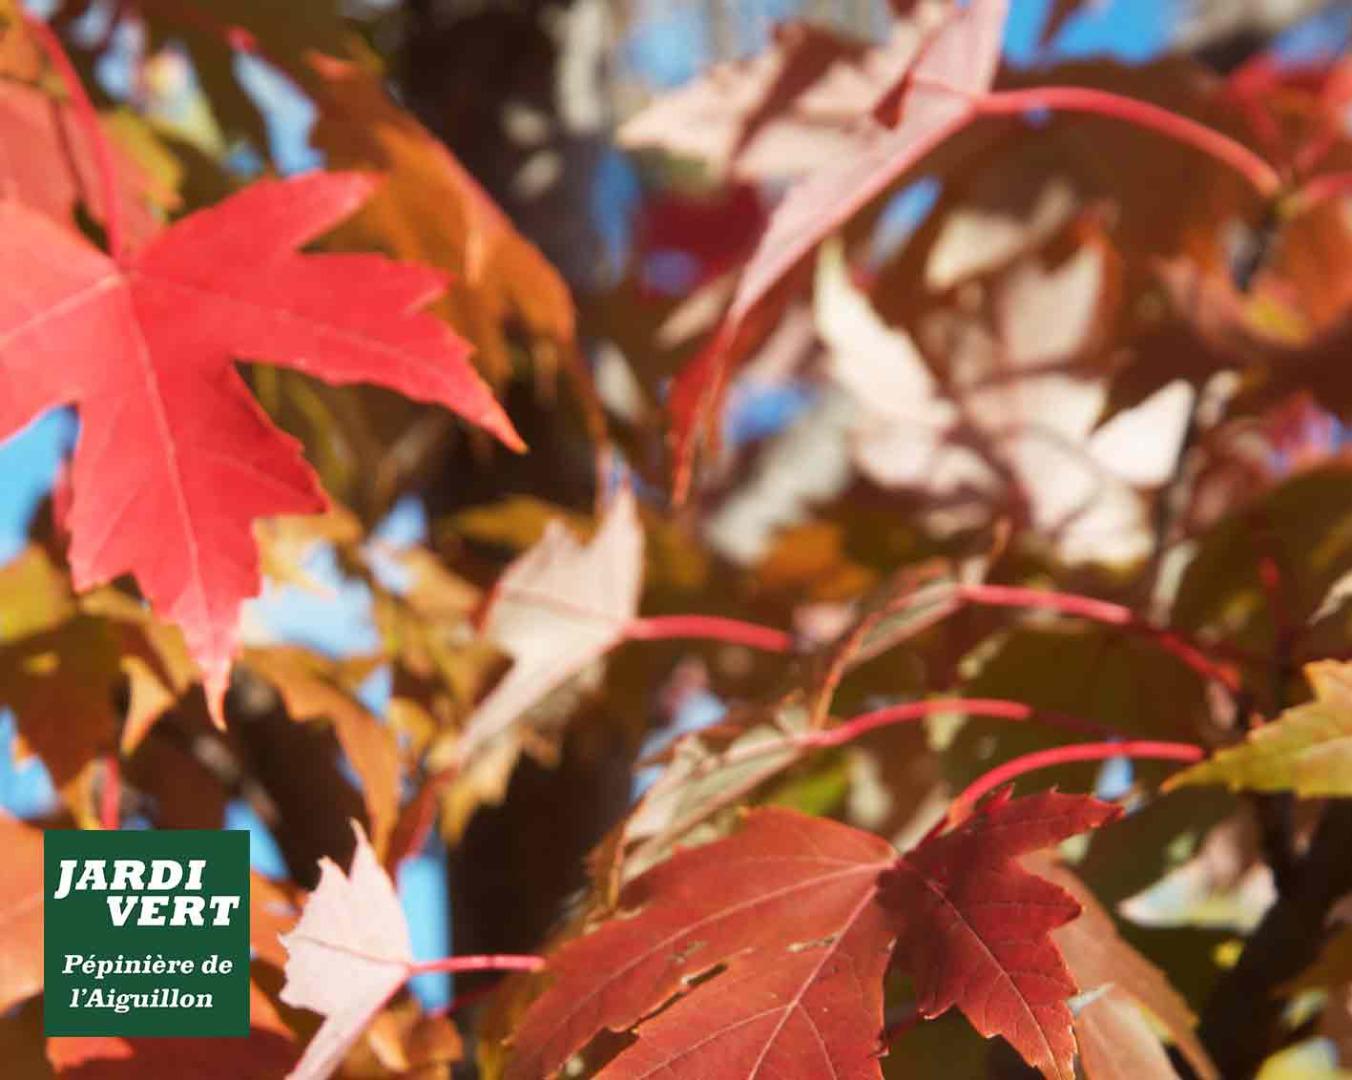 Vente d'erable rouge du canada et autres érables de couleur - Détail des feuilles - Pépinière de l'Aiguillon producteur Toulouse